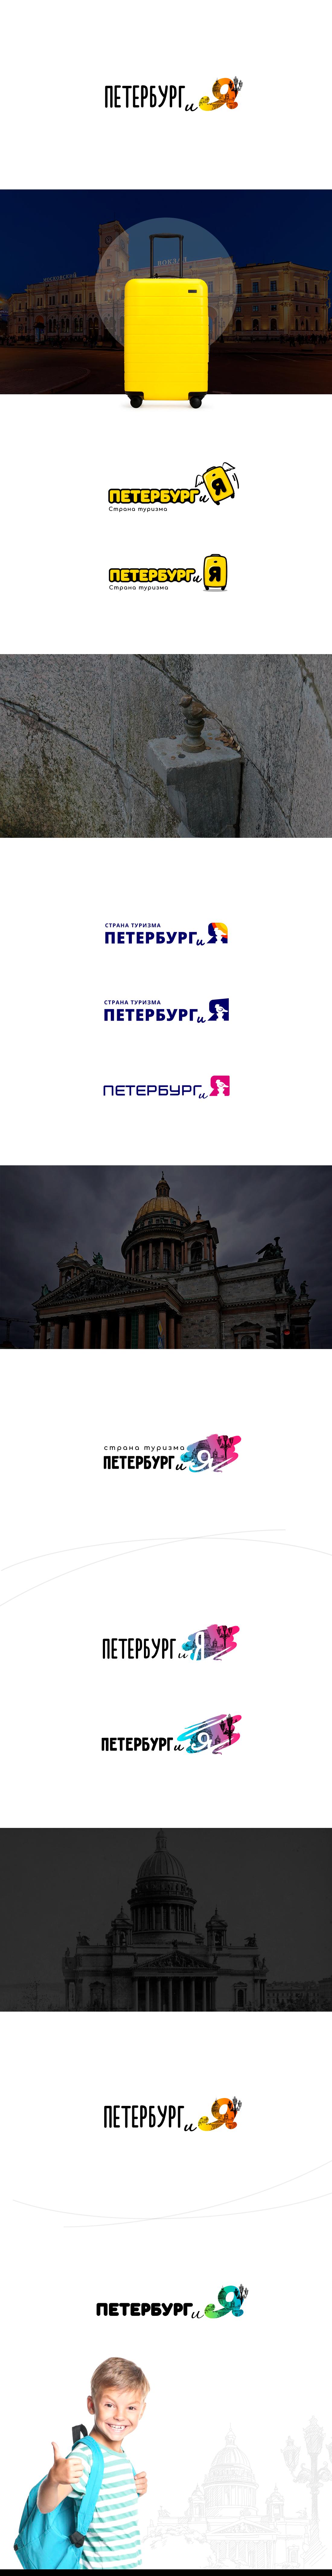 ПЕТЕРБУРГиЯ - детский туризм в Санкт-Петербурге